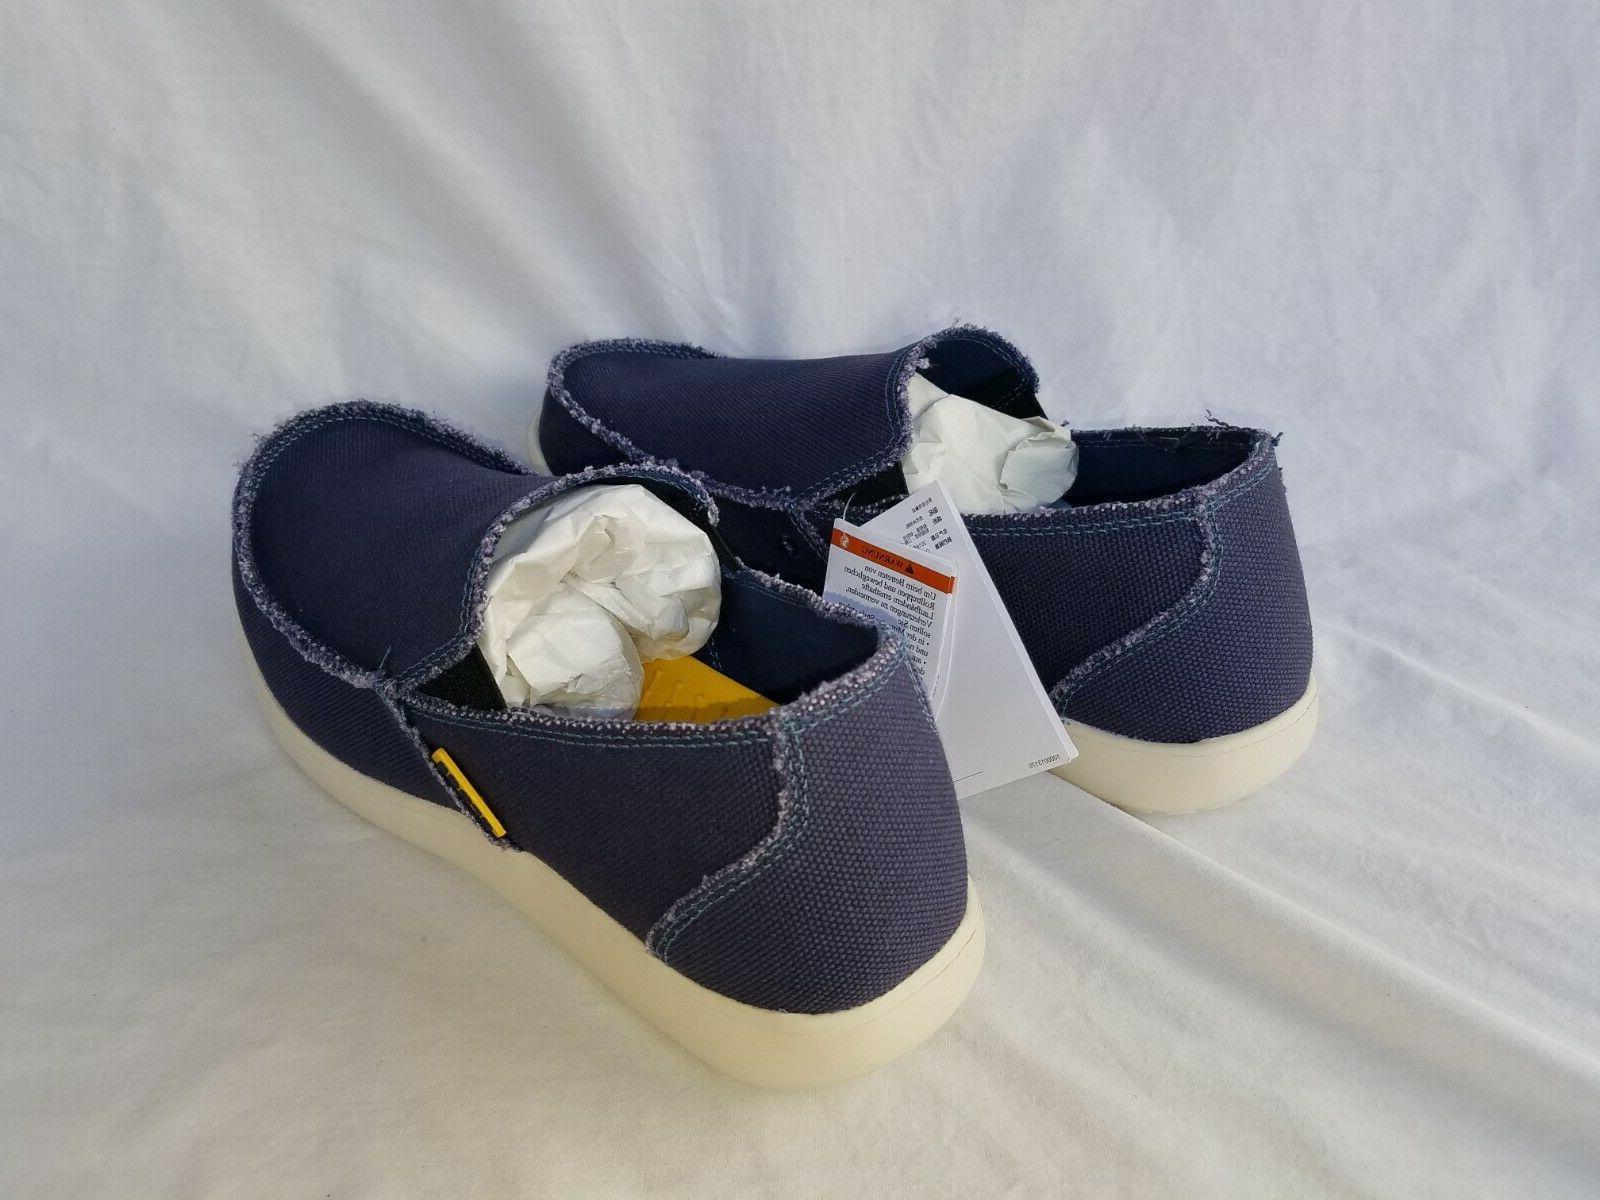 New Men's Crocs Cruz Loafers